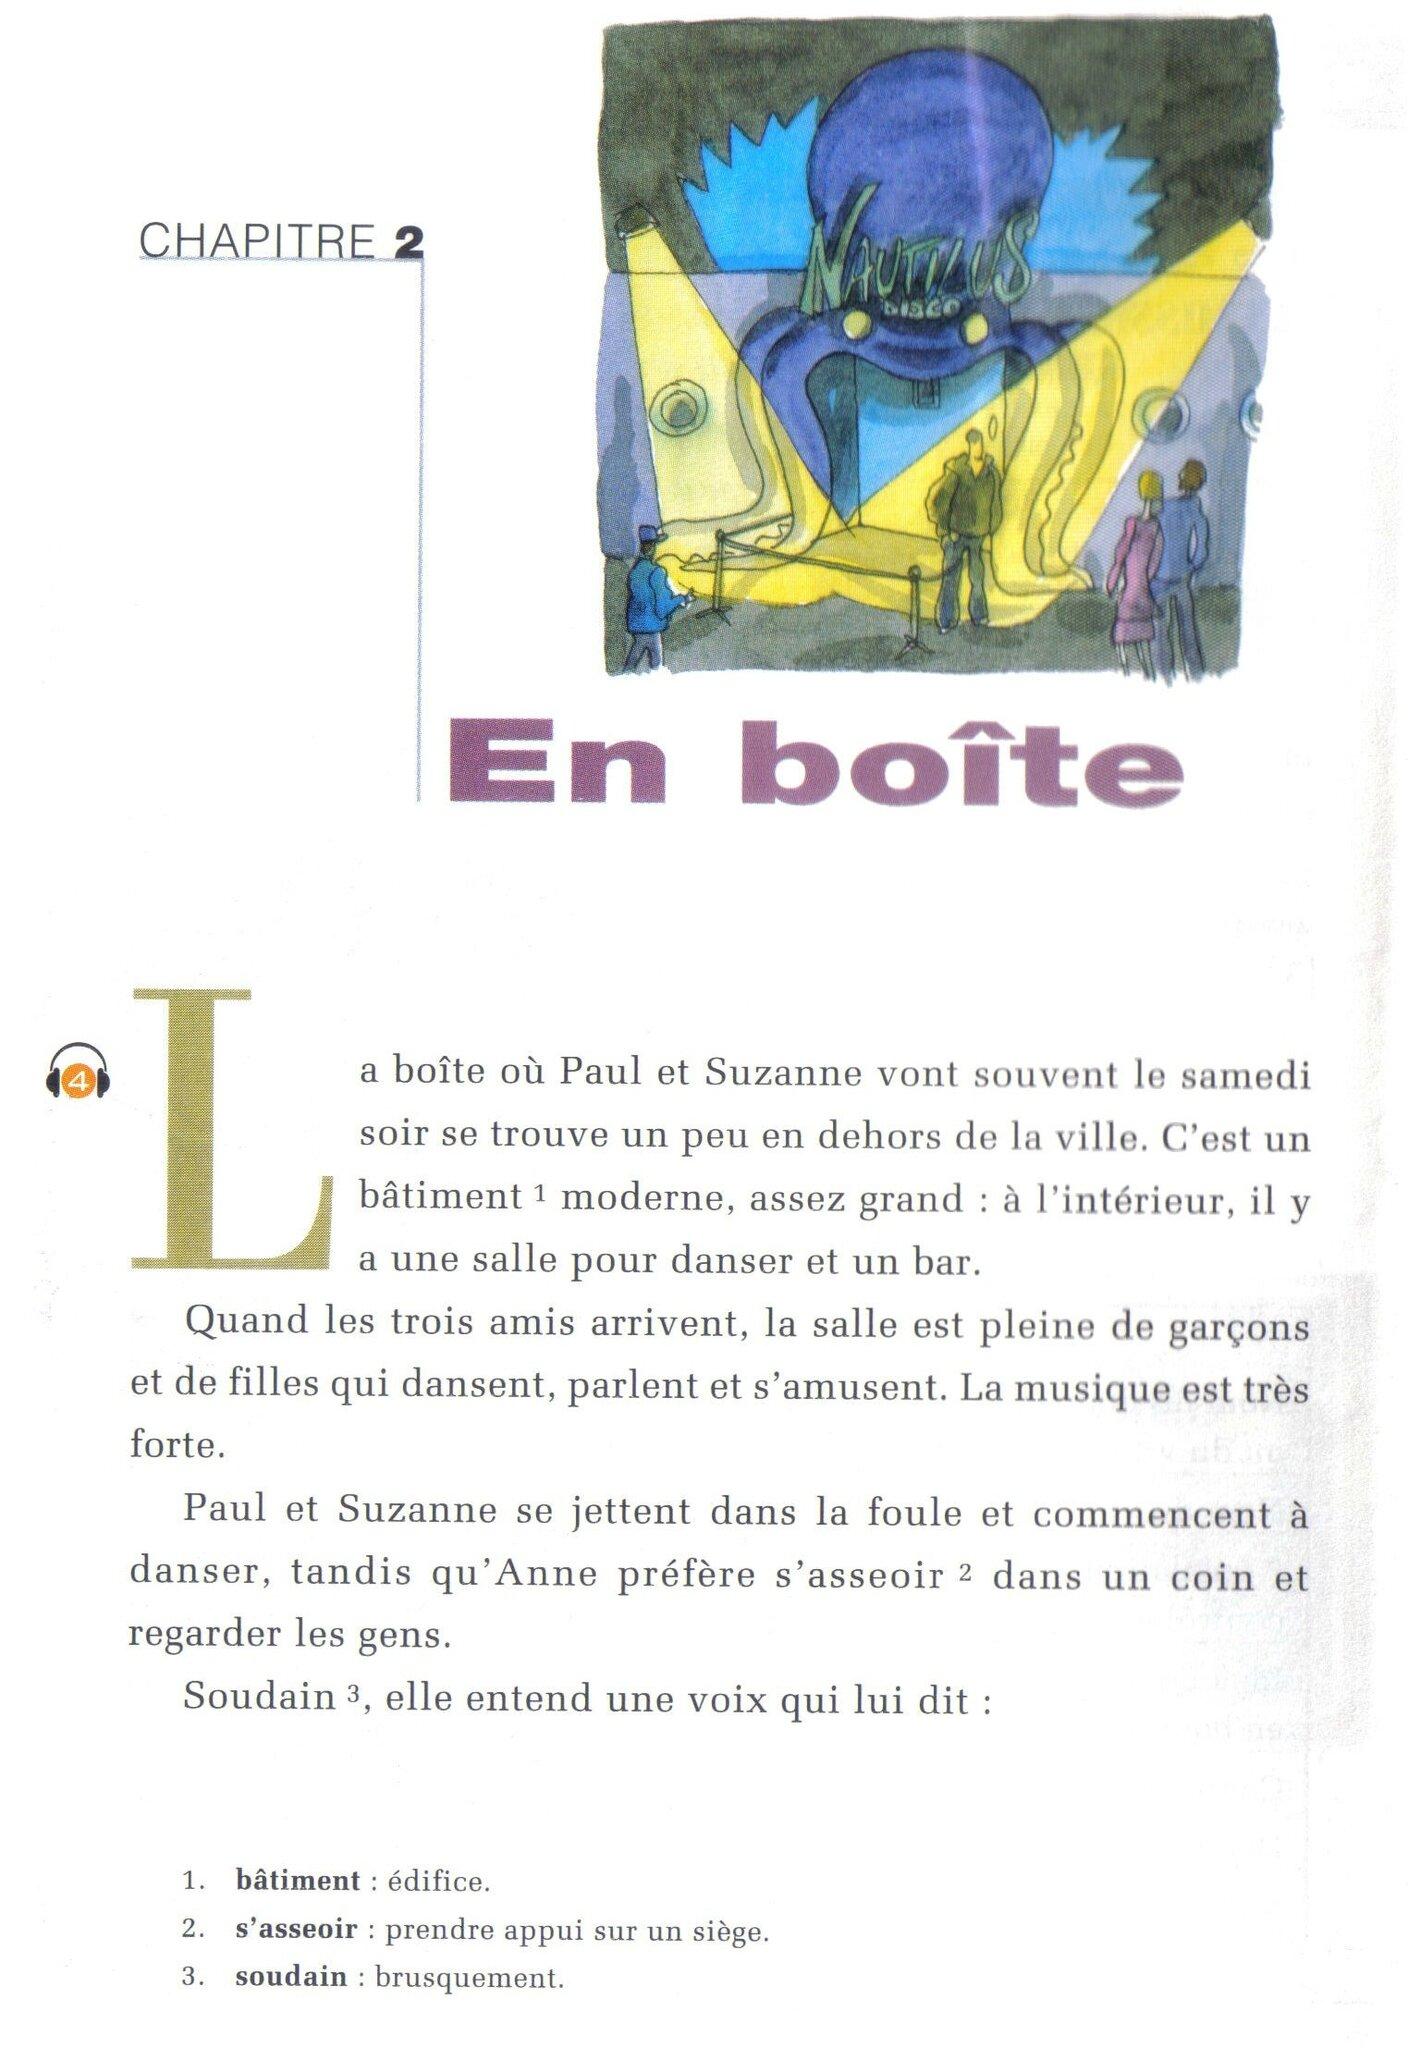 les 233 tudiants lisent quot le secret de louise quot chapitre 2